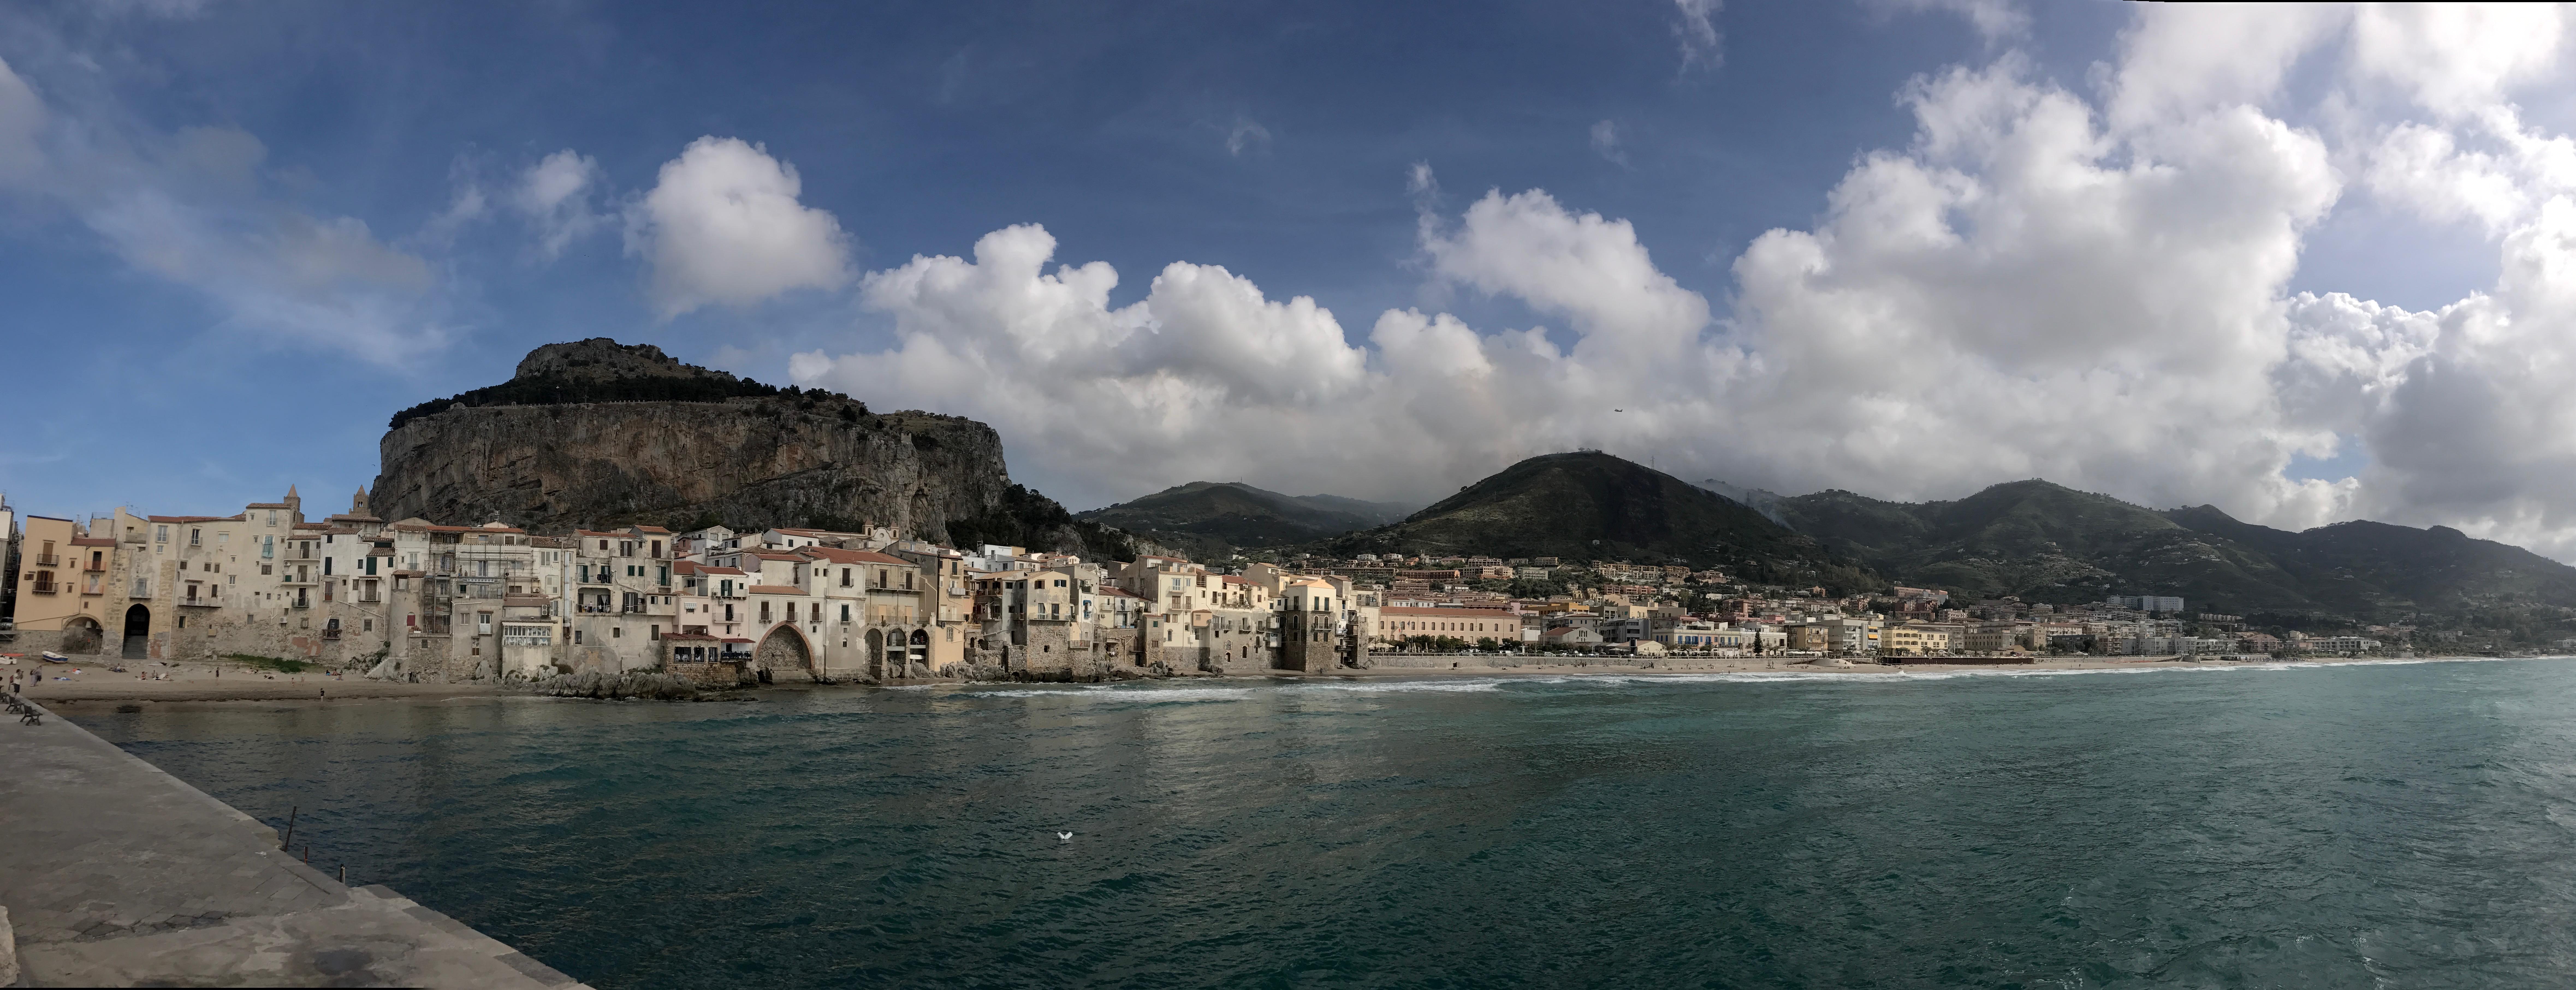 シチリア情景5